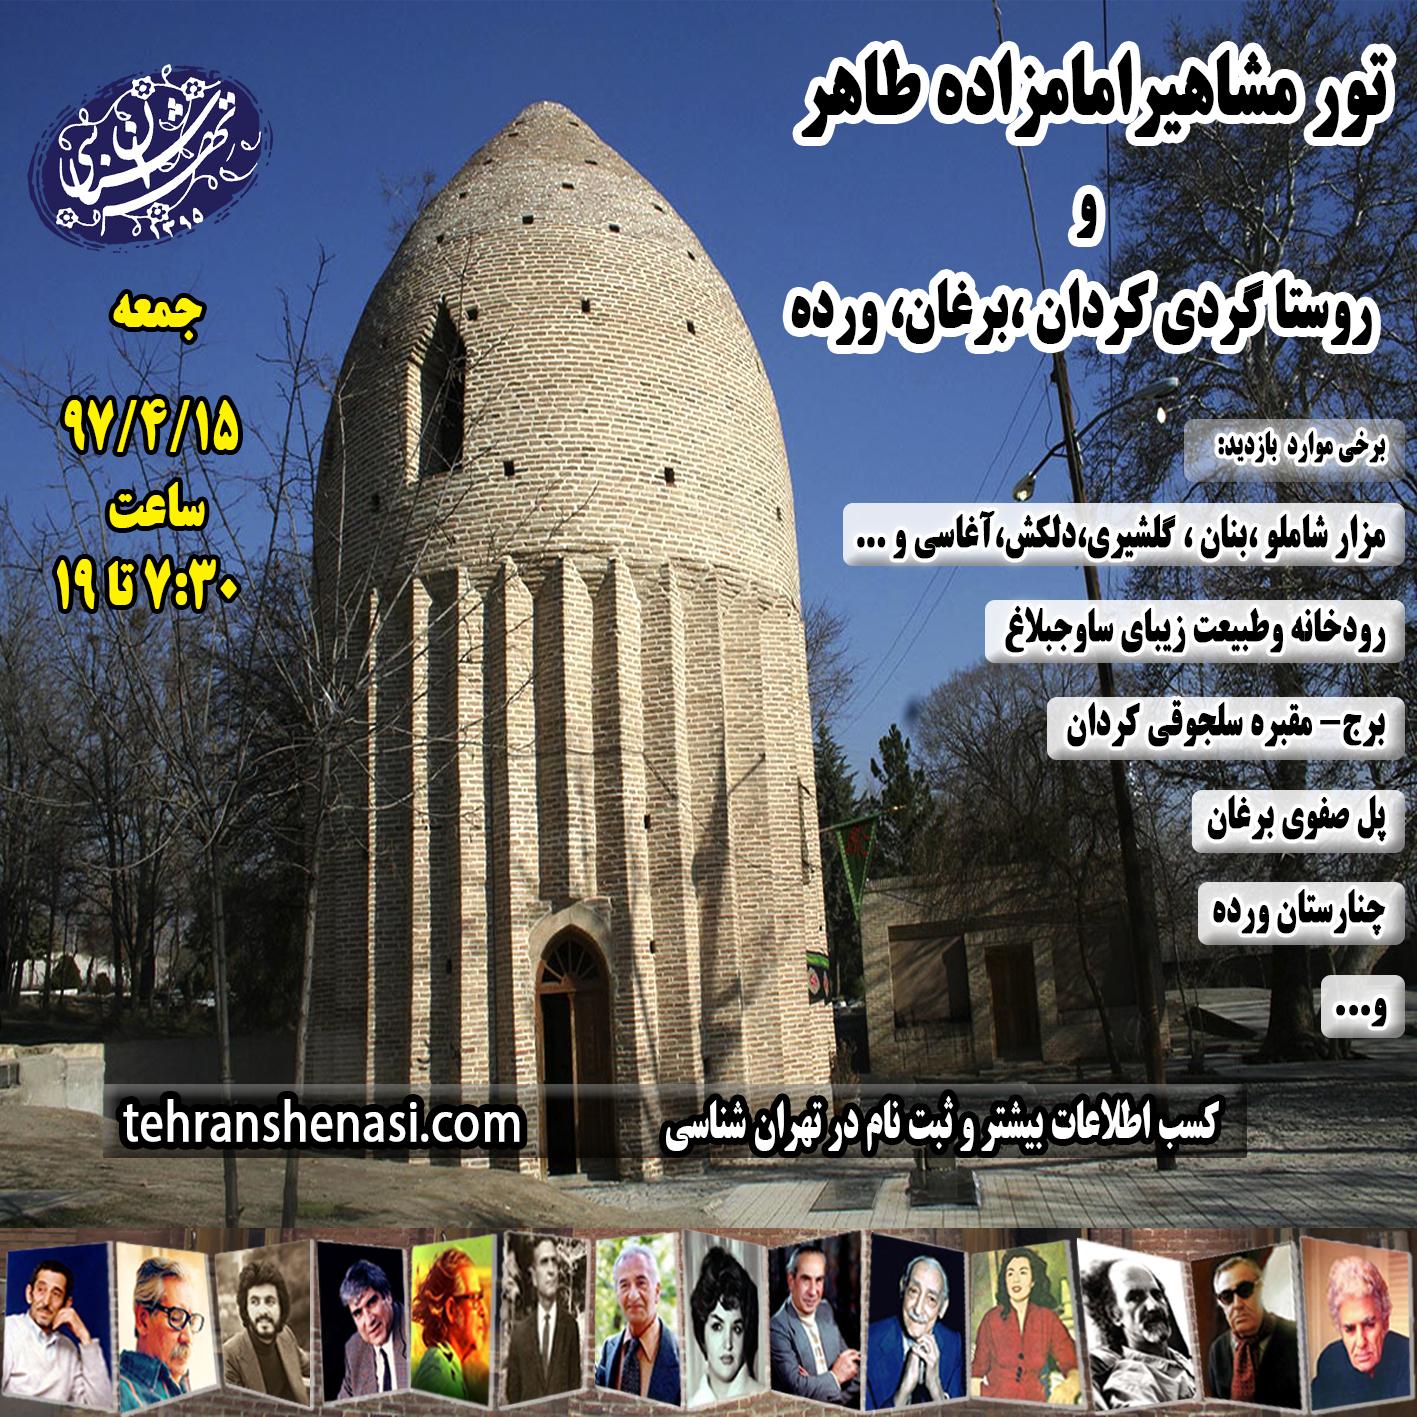 تور-امازاده-طاهر-کرج-،کردان-،برغان-تهران-شناسی